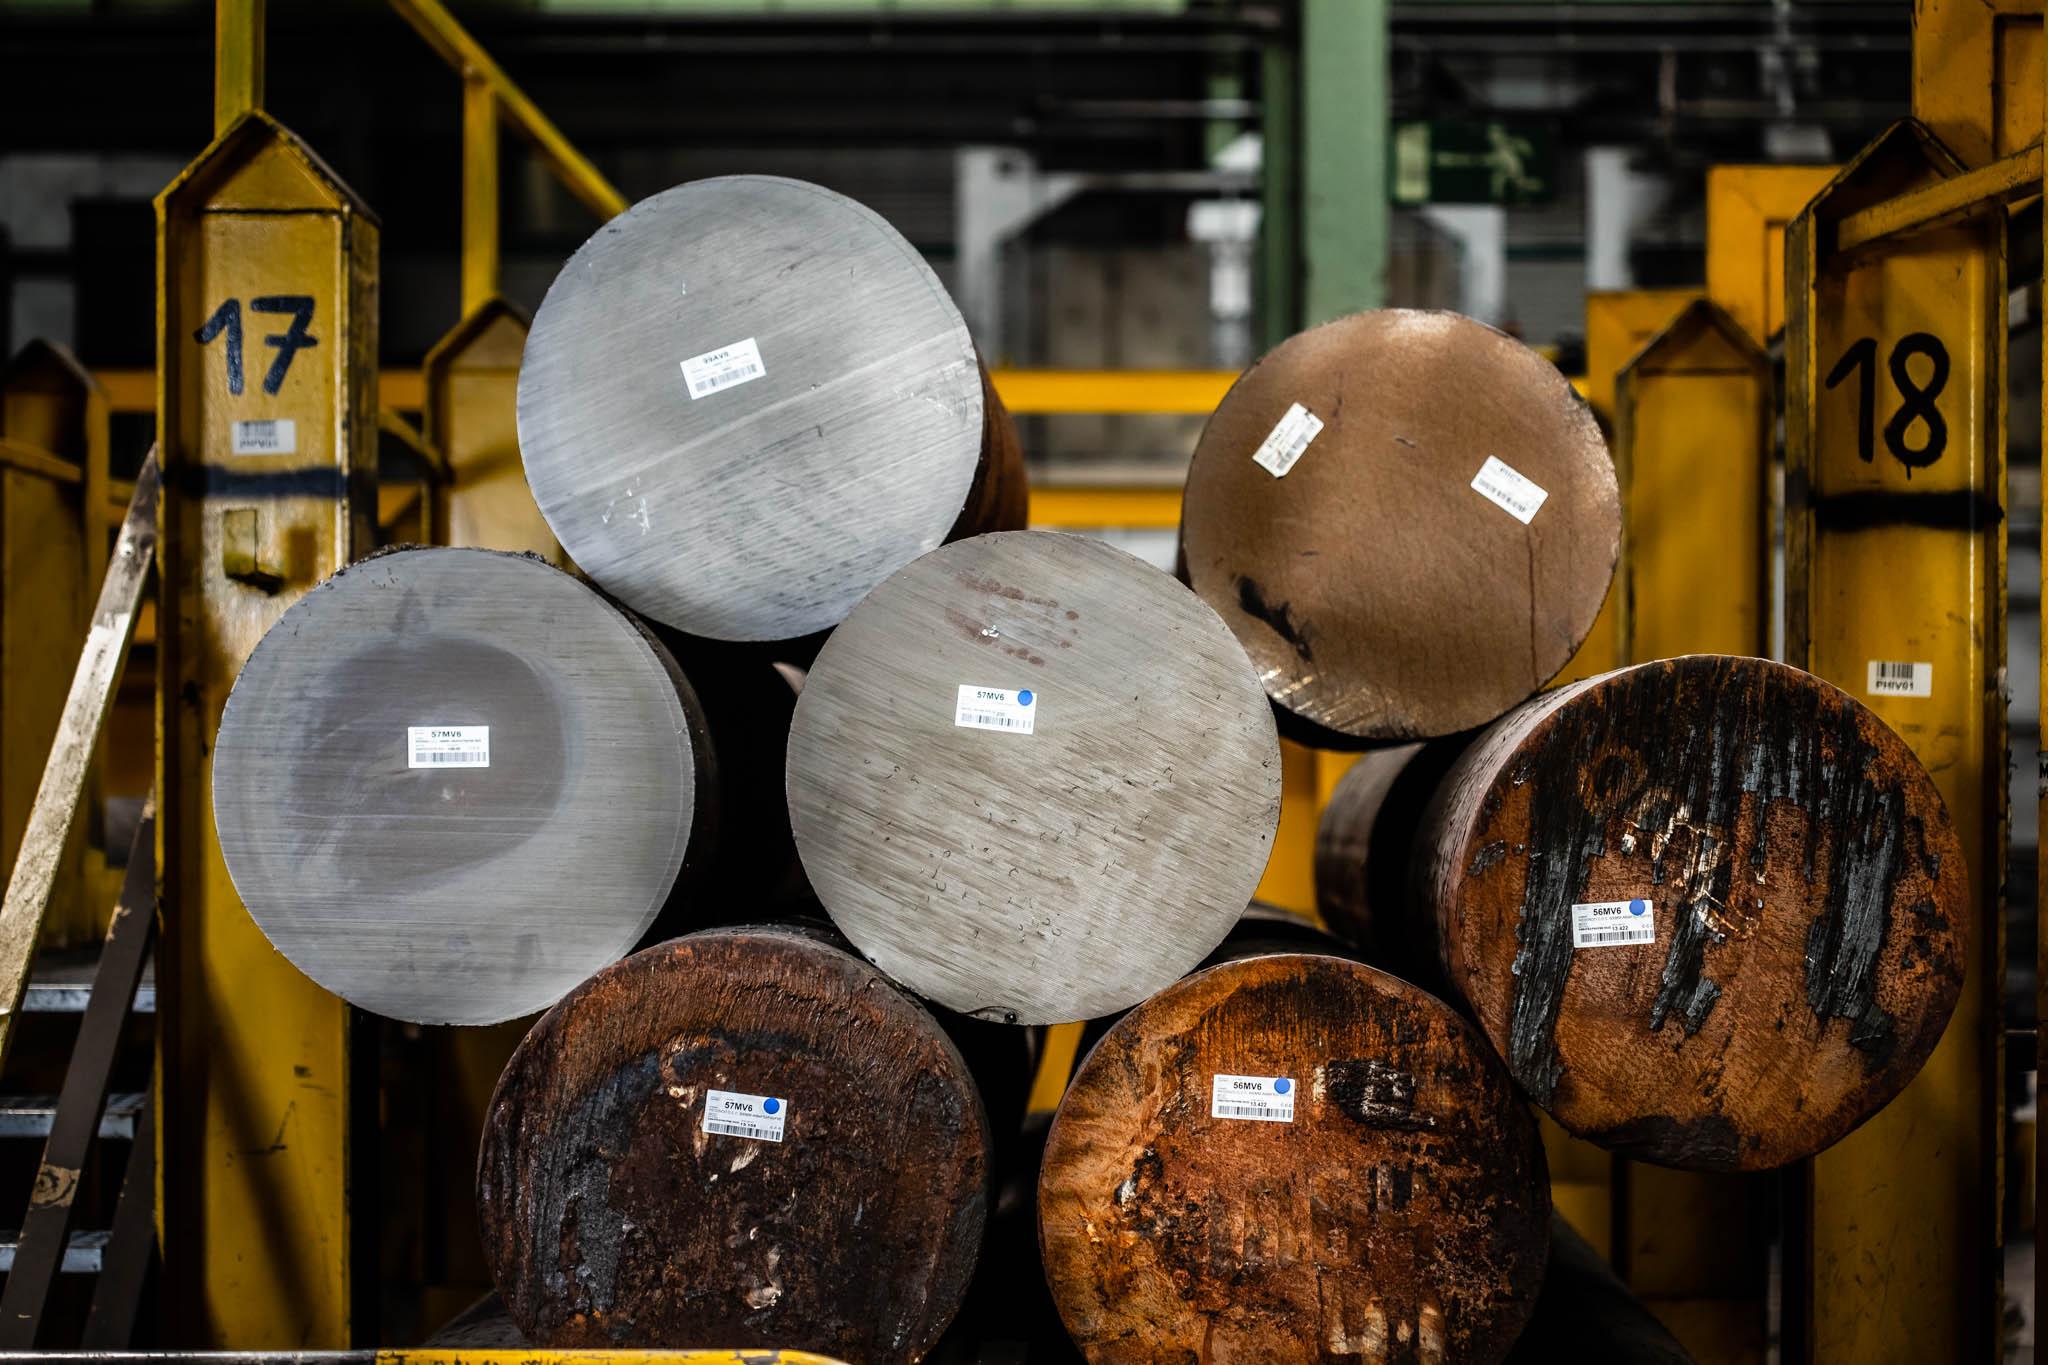 Materiales de forja. País Vasco